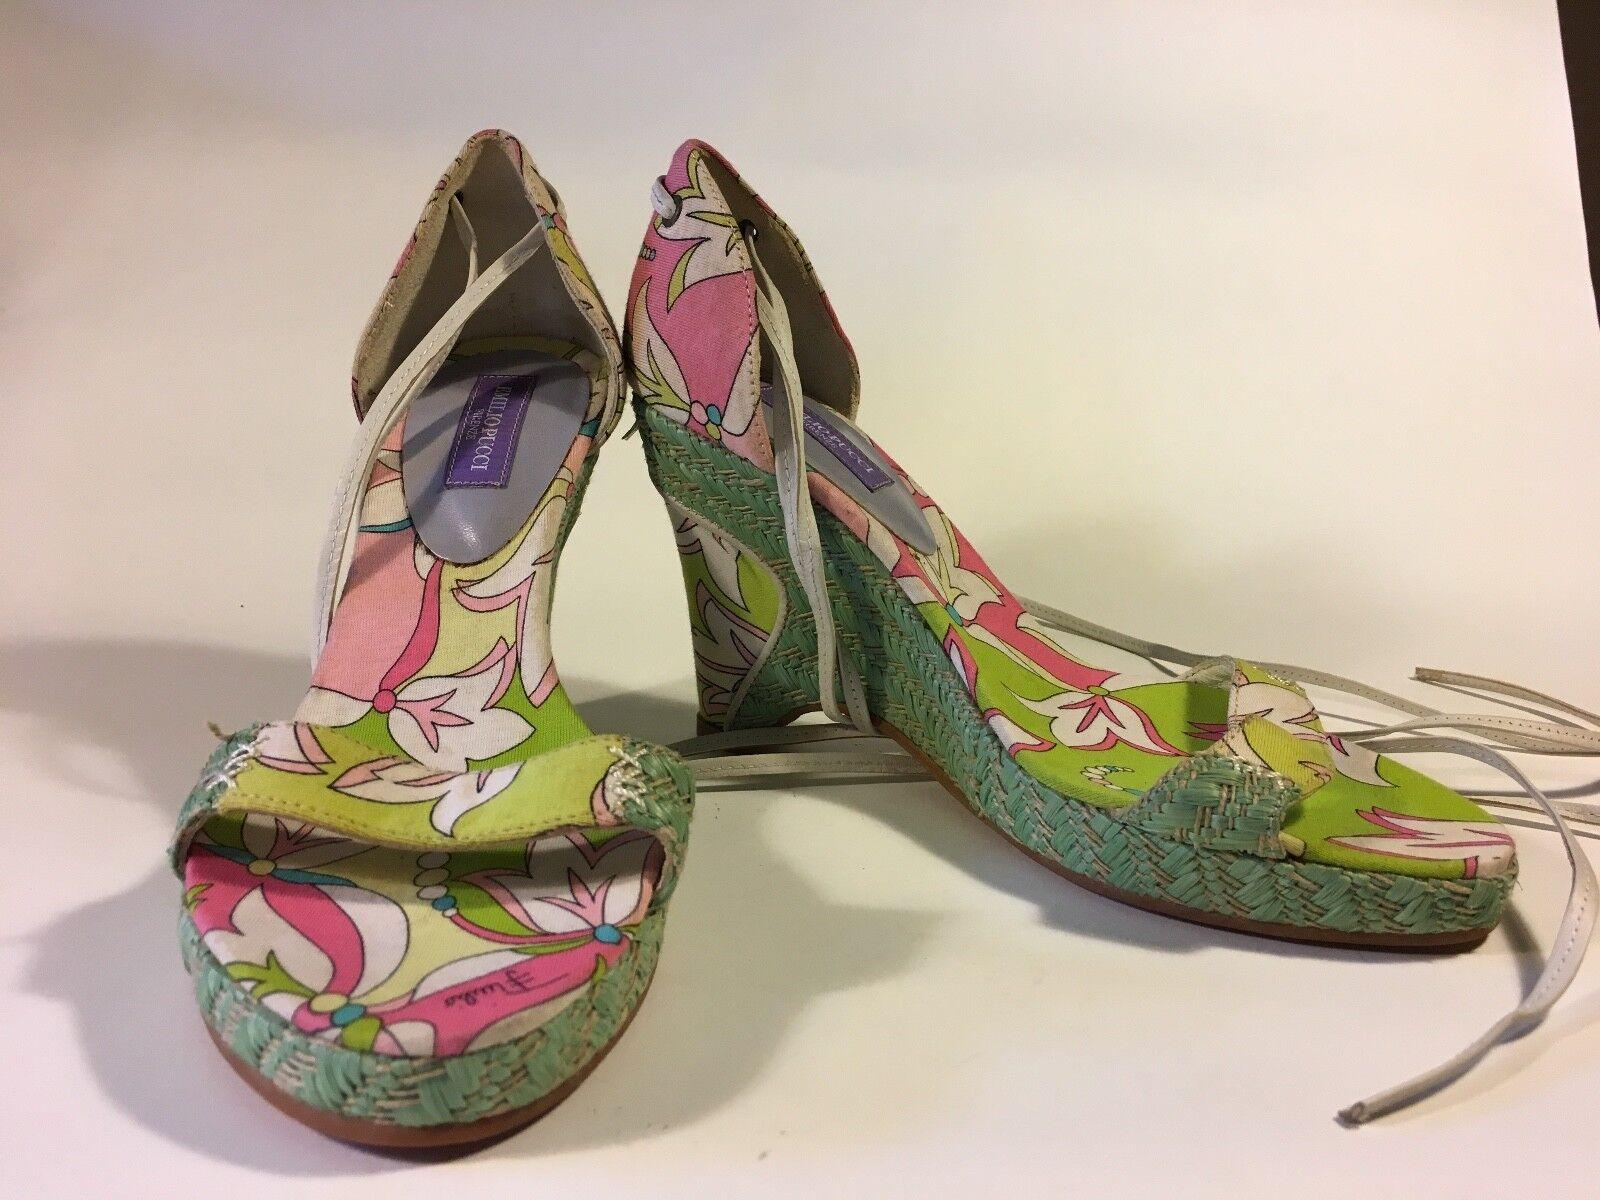 PUCCI Vendita!!! cinturini Multi Colore Zeppa Primavera Estate Scarpa con cinturini Vendita!!! alla caviglia 7 8eb749